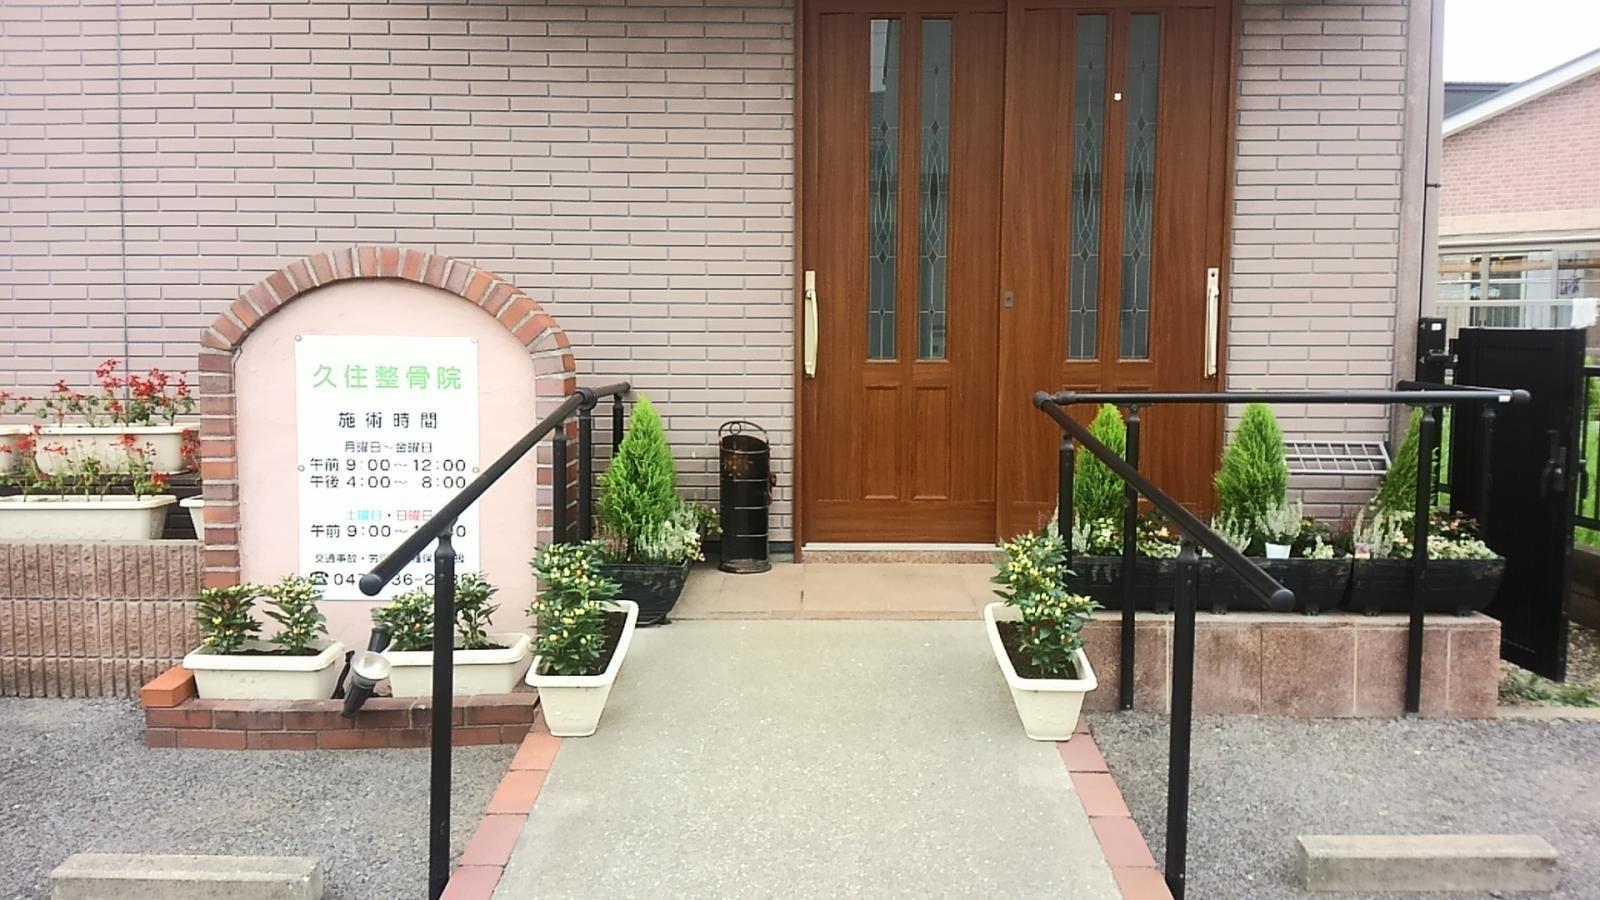 久住整骨院の玄関前